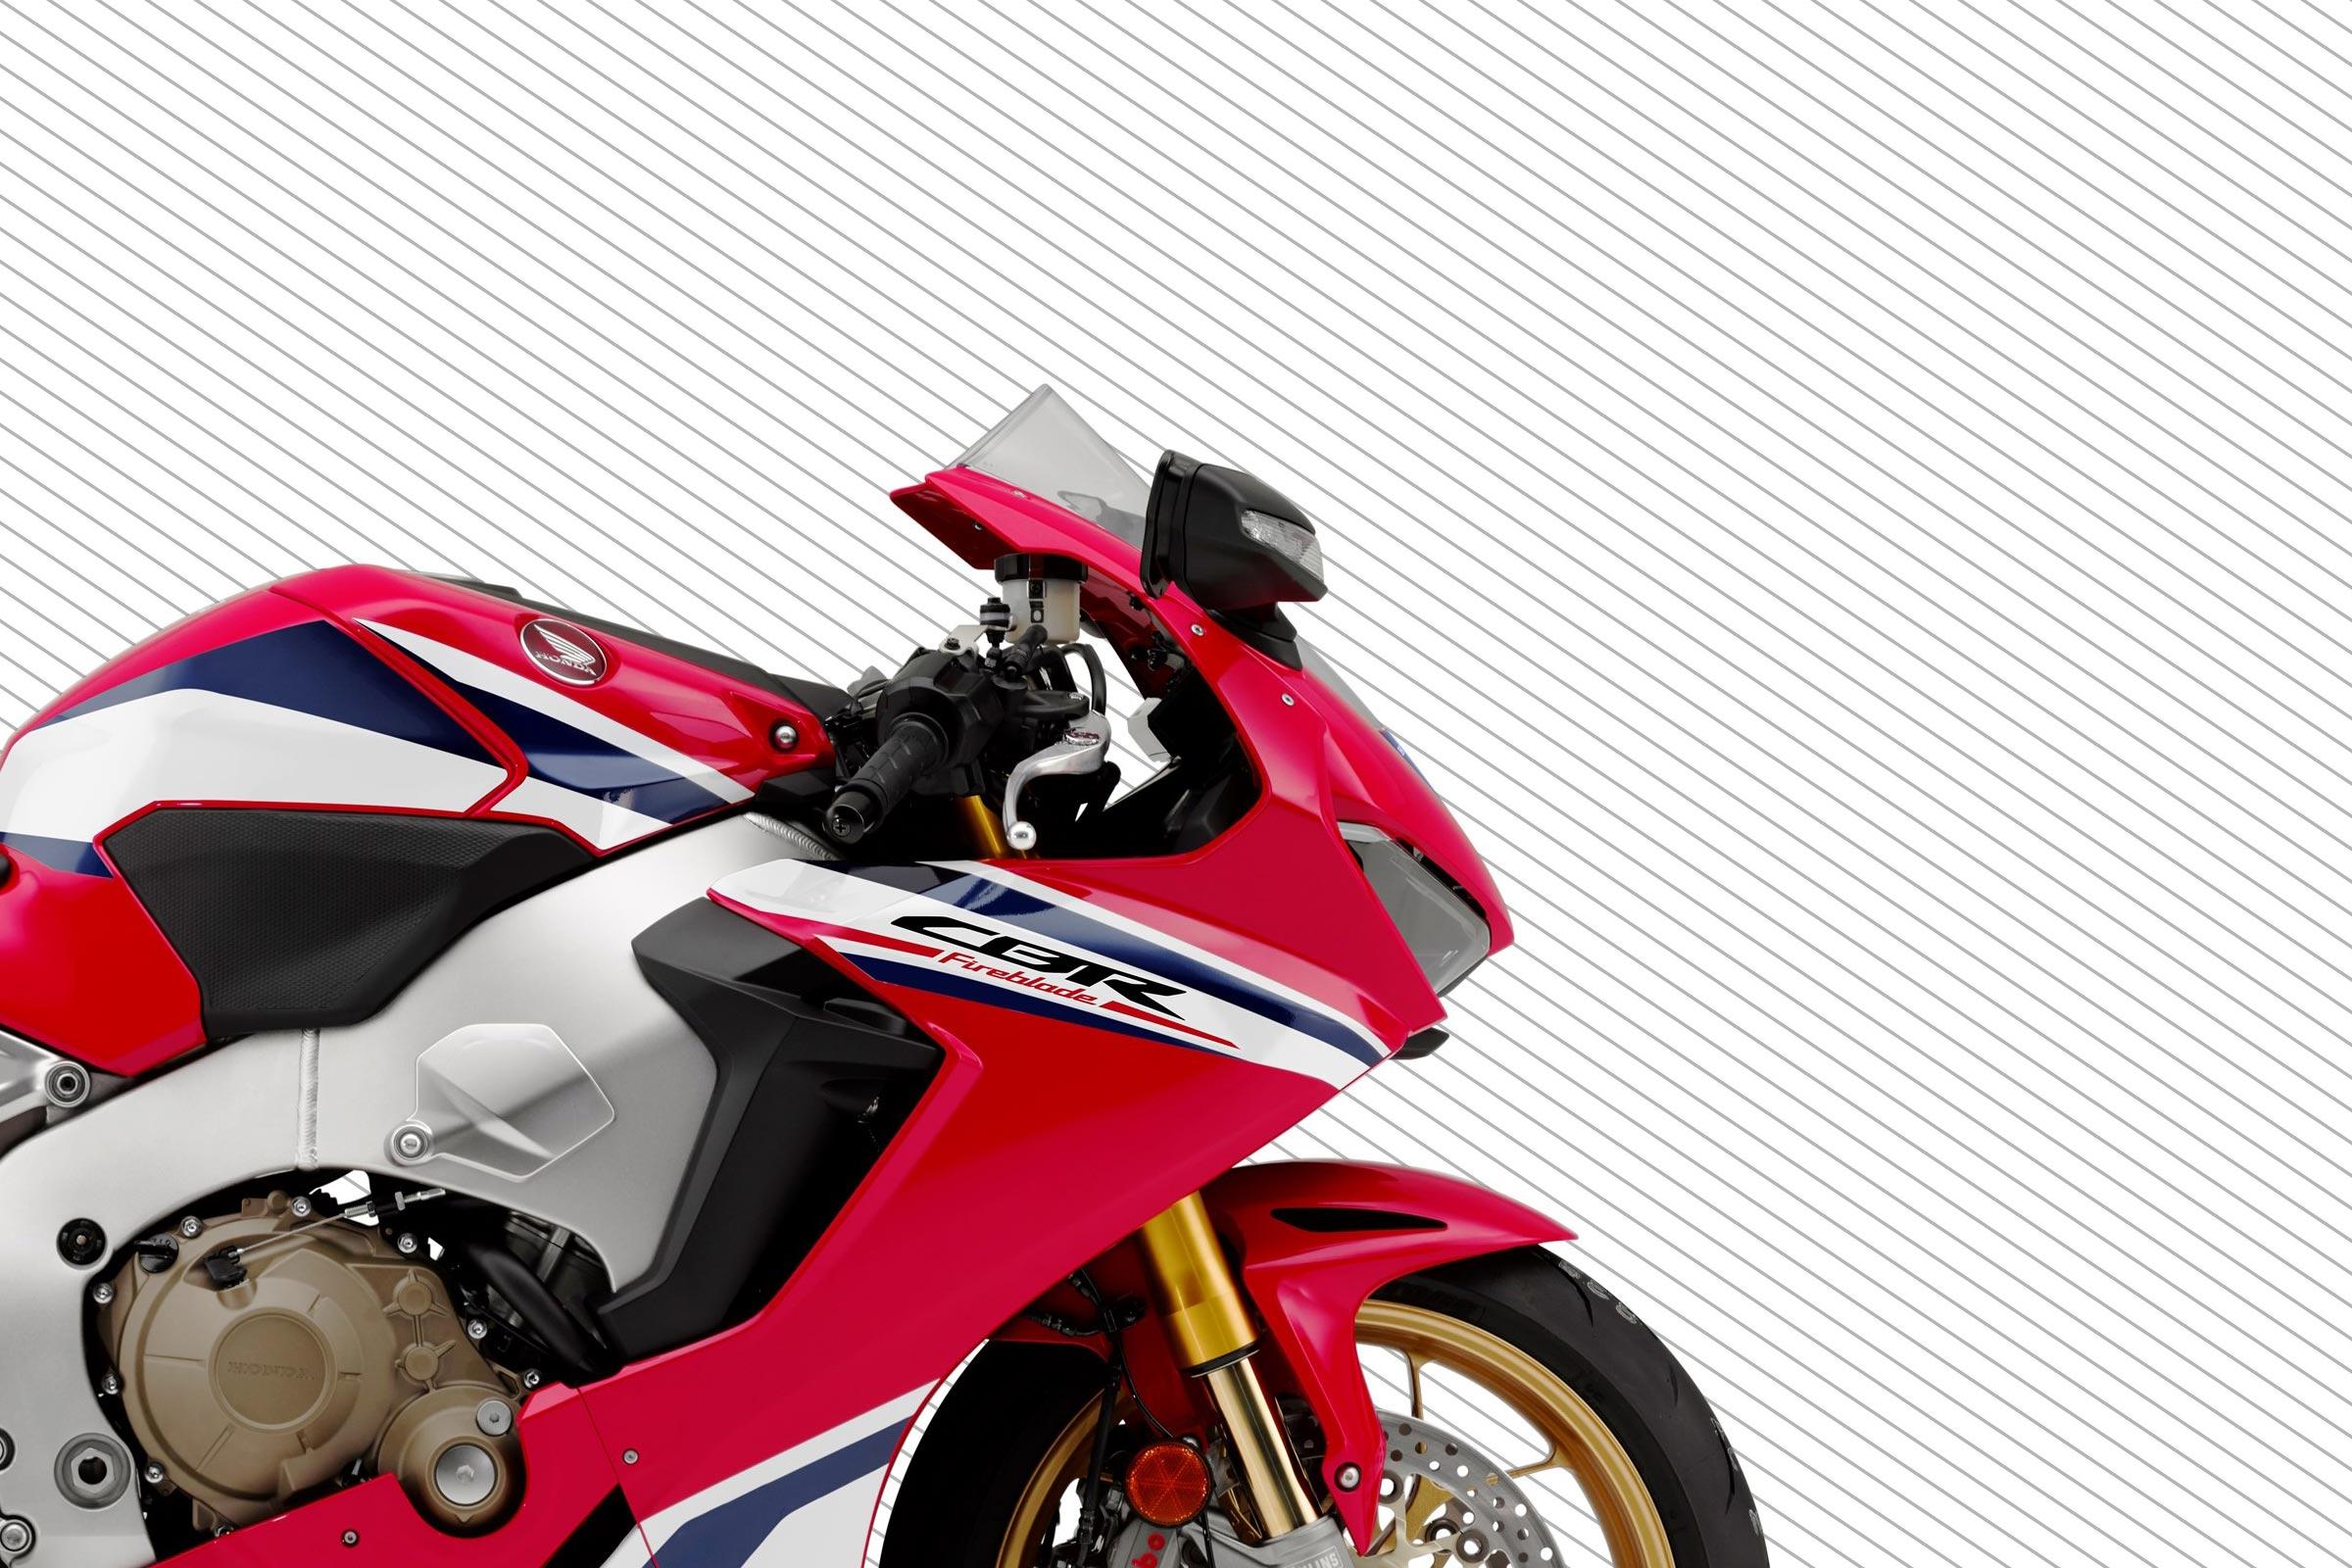 Kelebihan Kekurangan Honda Cbr1000Rr 2019 Spesifikasi